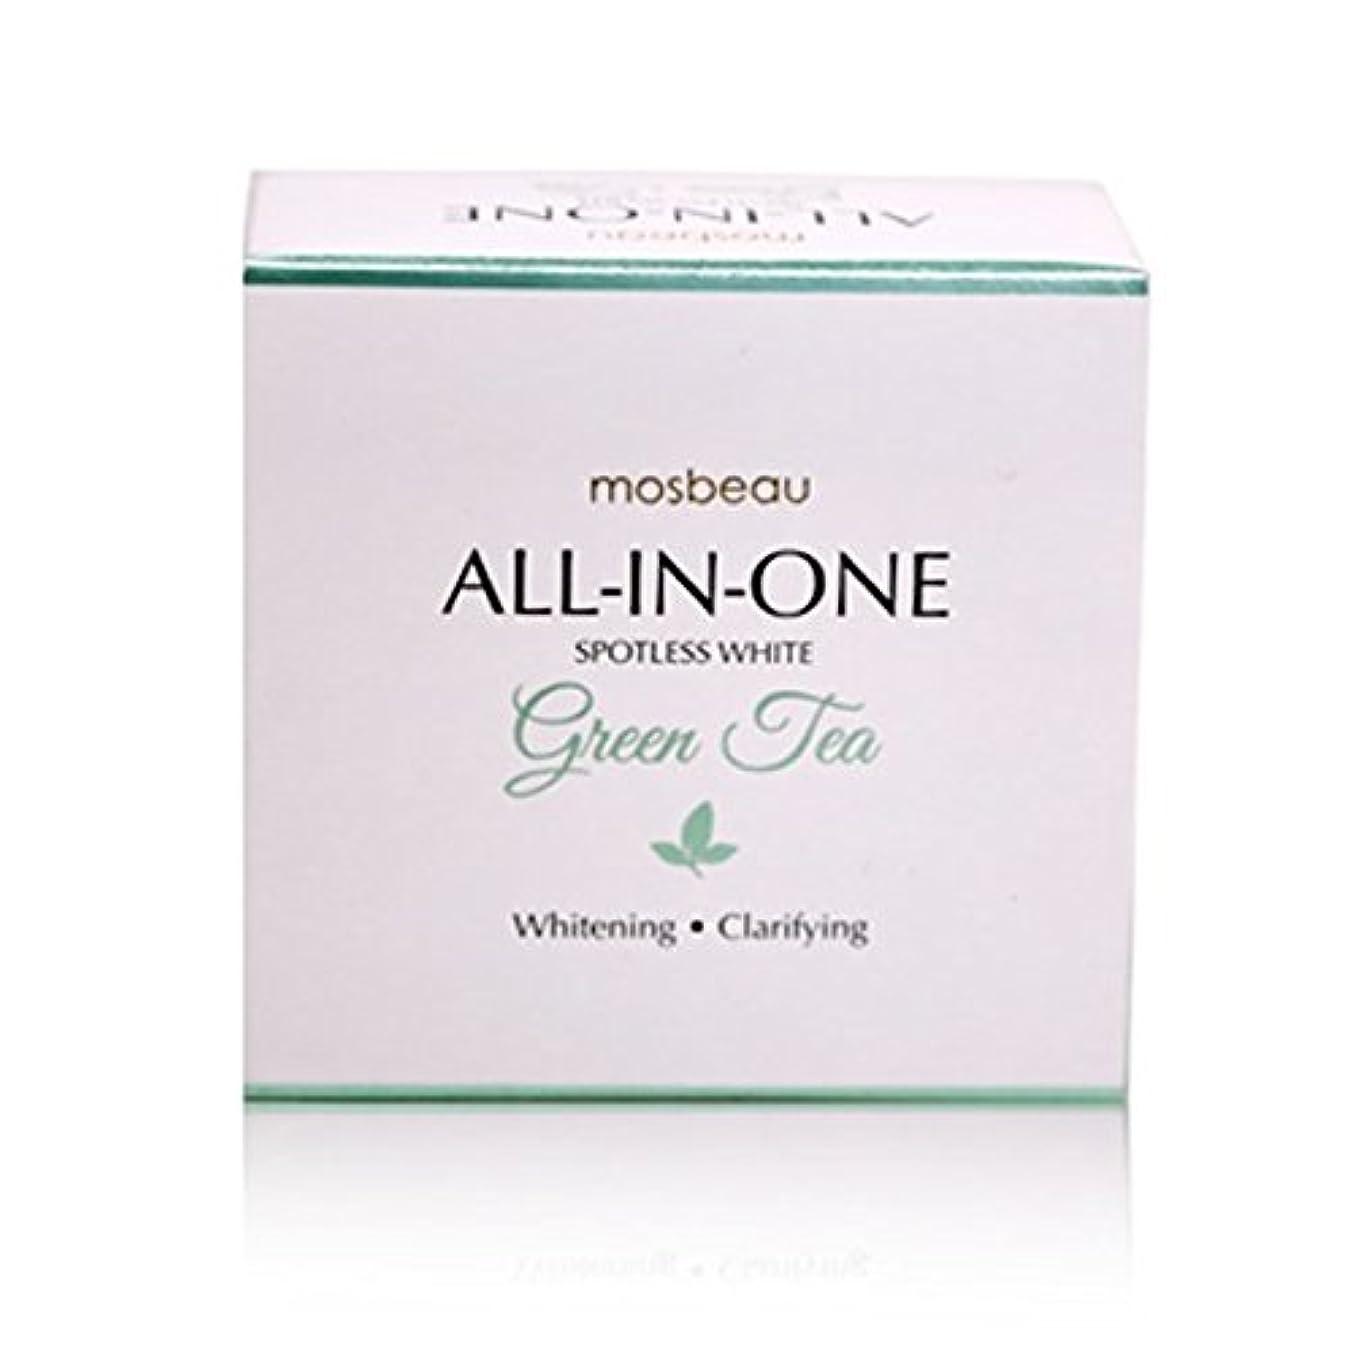 どうやって章咲くmosbeau Spotless White GREEN TEA Facial Soap 100g モスビュー スポットレス ホワイト グリーンティー フェイシャル ソープ